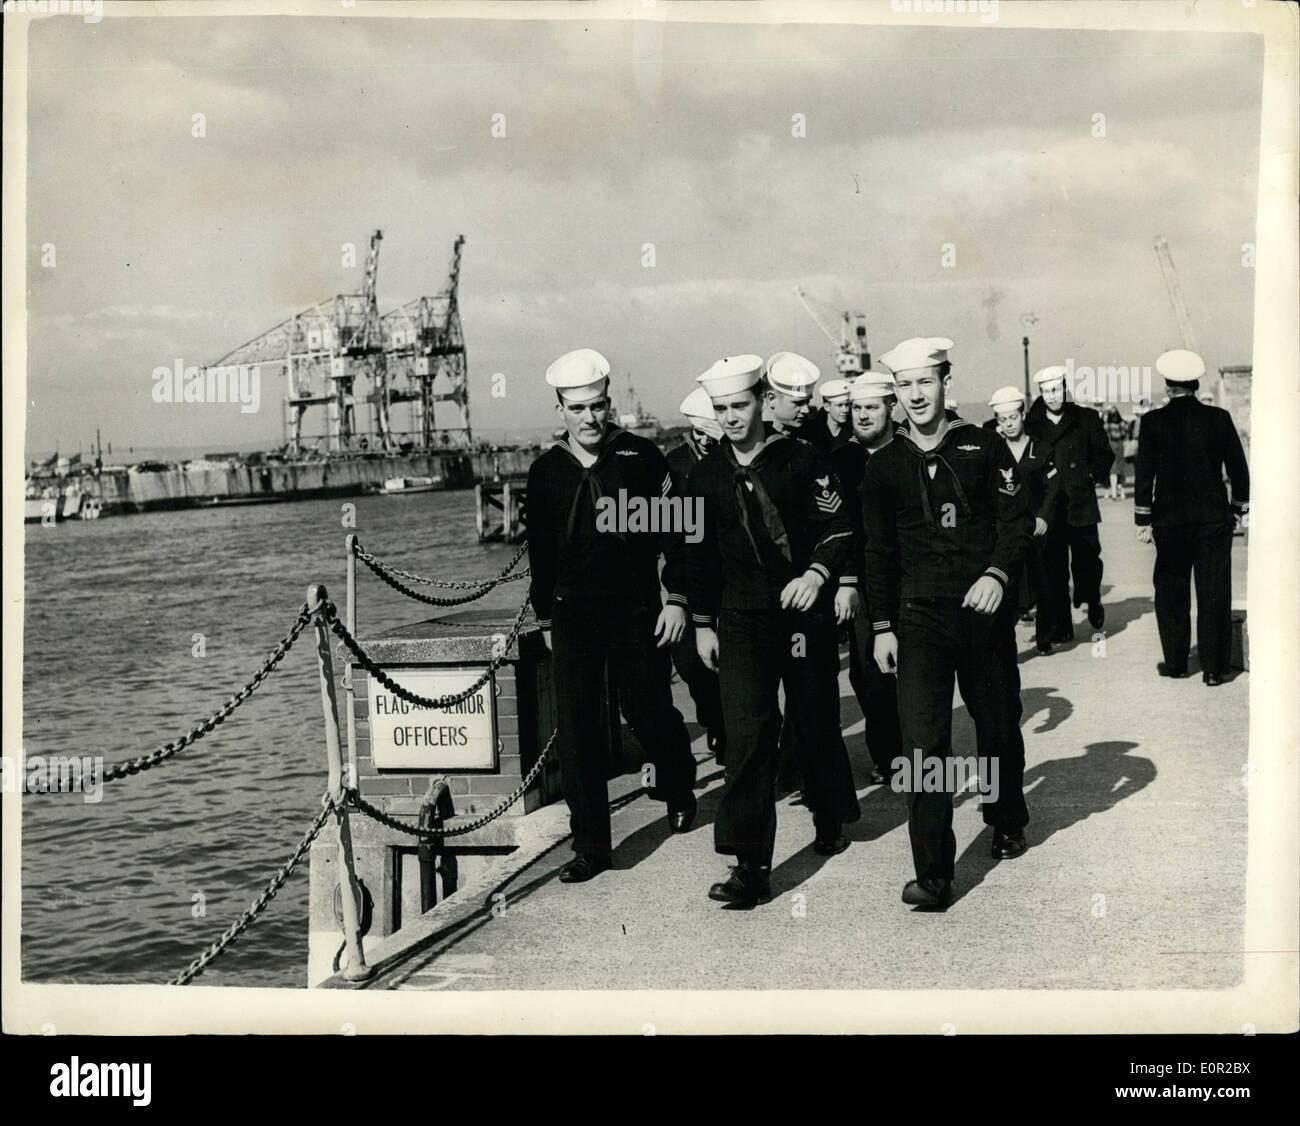 Octubre 10, 1957 - El Submarino Atom velas - Después de 14 días bajo el océano.: un récord mundial de buceo submarino de 14 días 3 1\2 horas fue reclamada por la Marina de los Estados Unidos 's atom-powered submarino Nautilus por su comandante, de 36 años de edad Comandante William R. Anderson, cuando él trajo el submarino en Pórtland, Dorset ayer. El Nautilus fue su primera visita oficial a un país extranjero. Durante su largo período bajo el agua, Nautilus viajó 5.000 millas a más de 15 nudos sin una vez desbastado o ''snorkeling''. Imagen De Stock